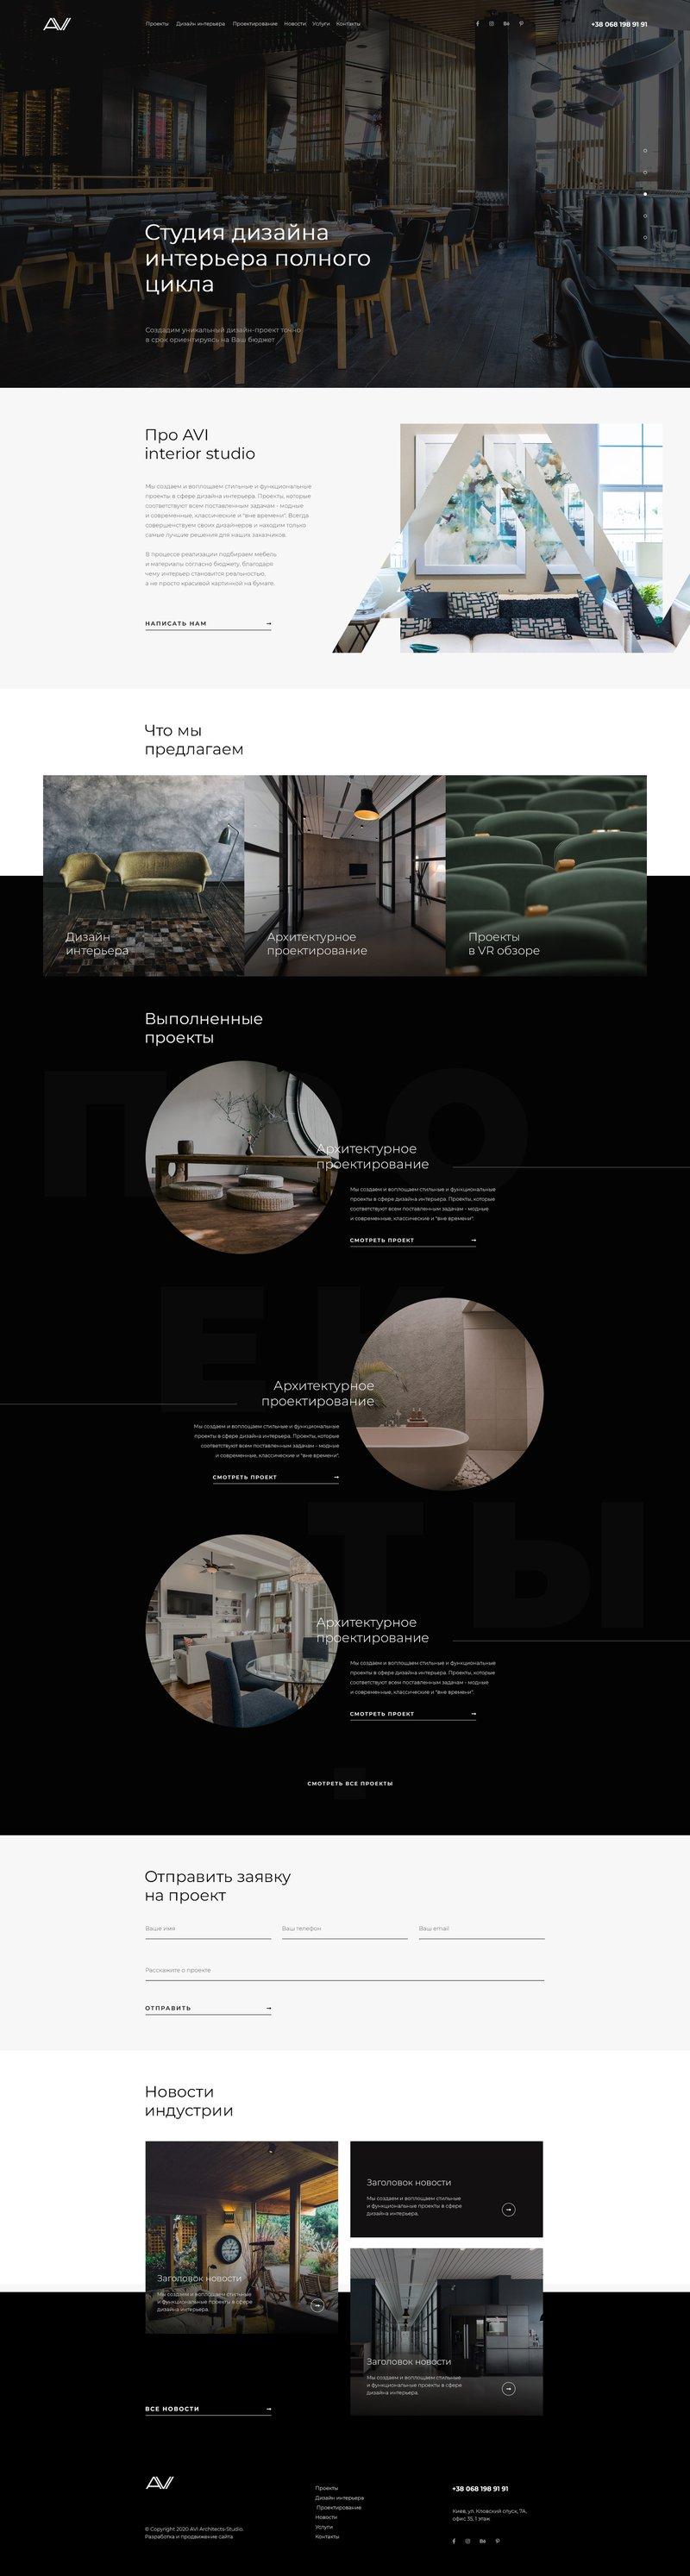 Дизайн сайта для дизайнера интреьера – работа в портфолио фрилансера